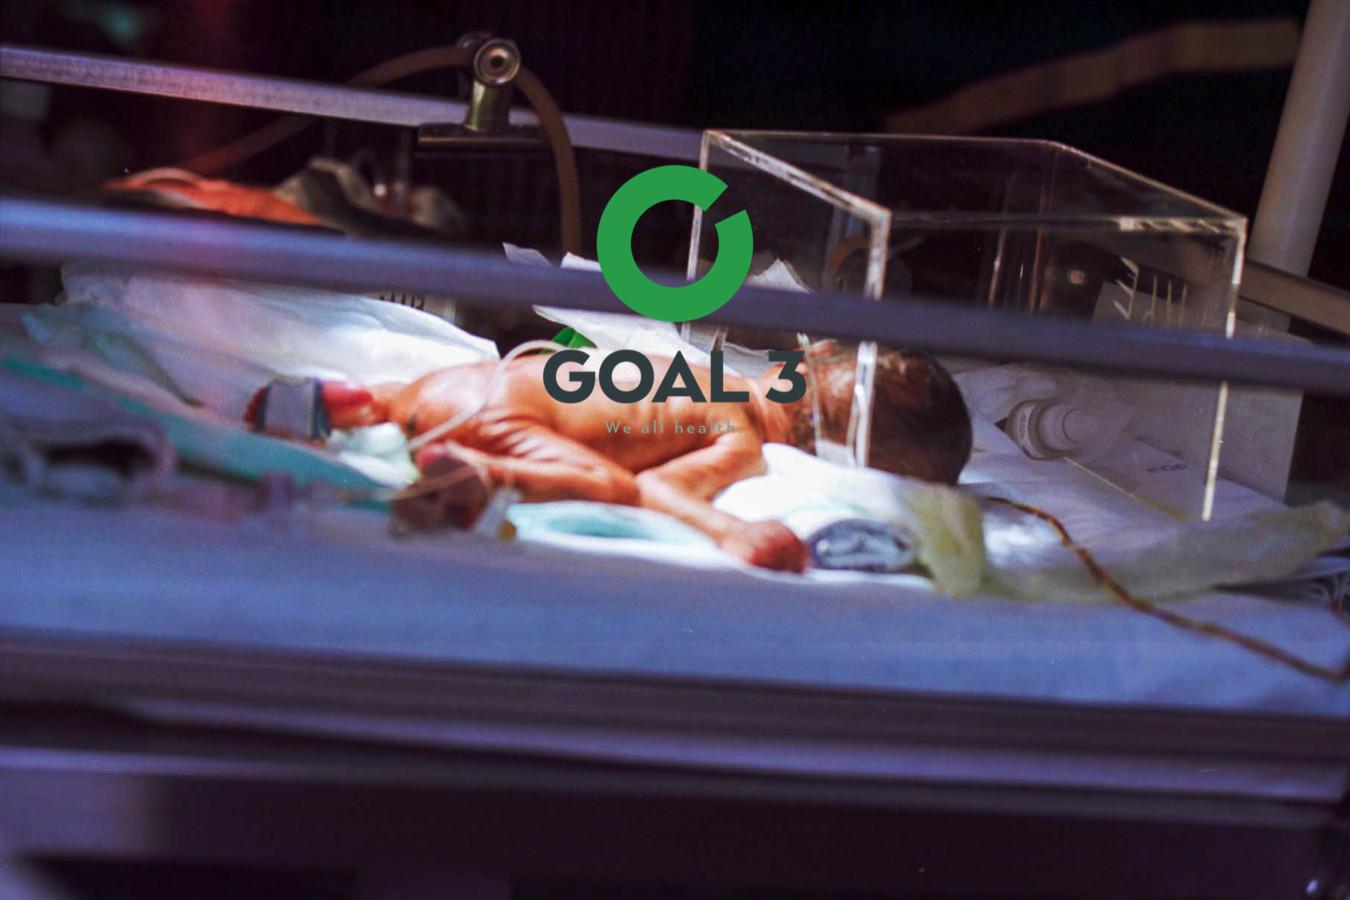 Door betere monitoring wil GOAL3 de baby- en kindersterfte in Afrikaanse landen drastisch omlaag brengen.